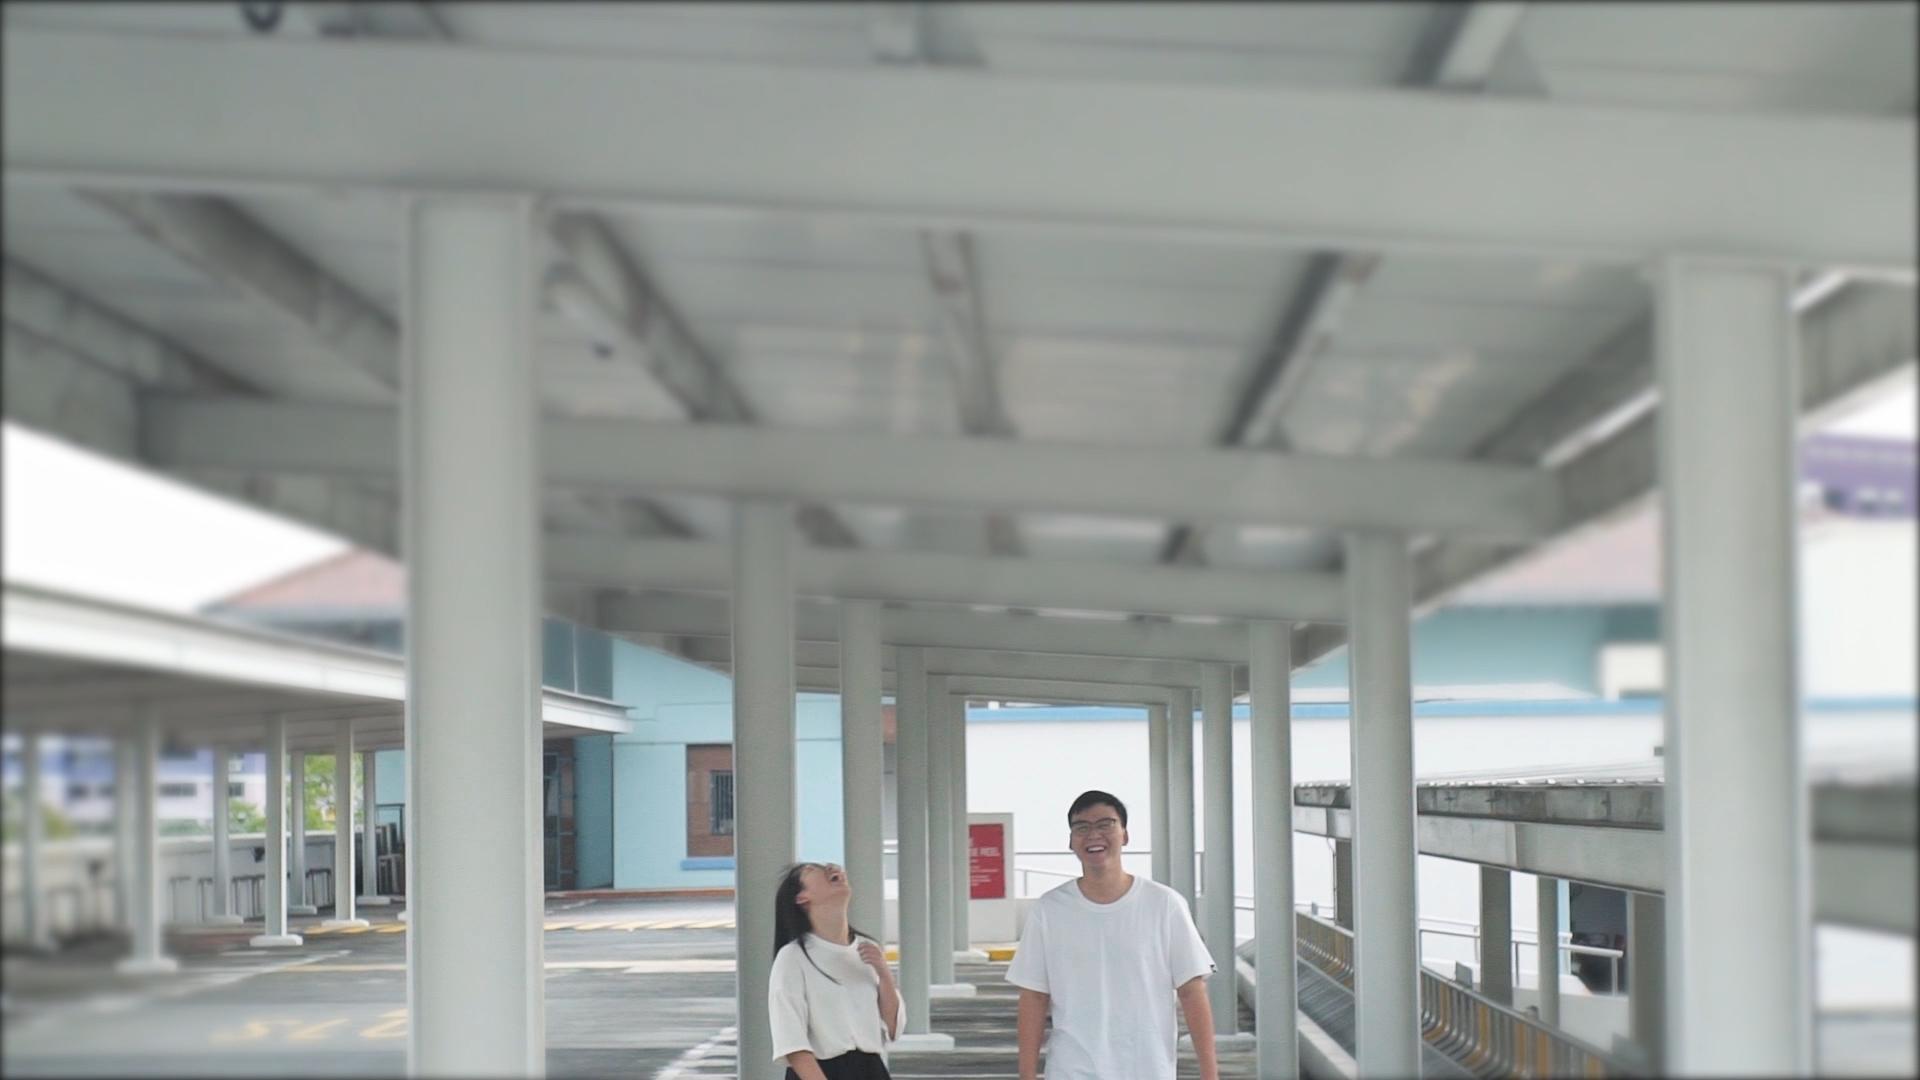 FFK_IG_59s_Screenshot_Cong Cong and Xin Jie_001.jpg